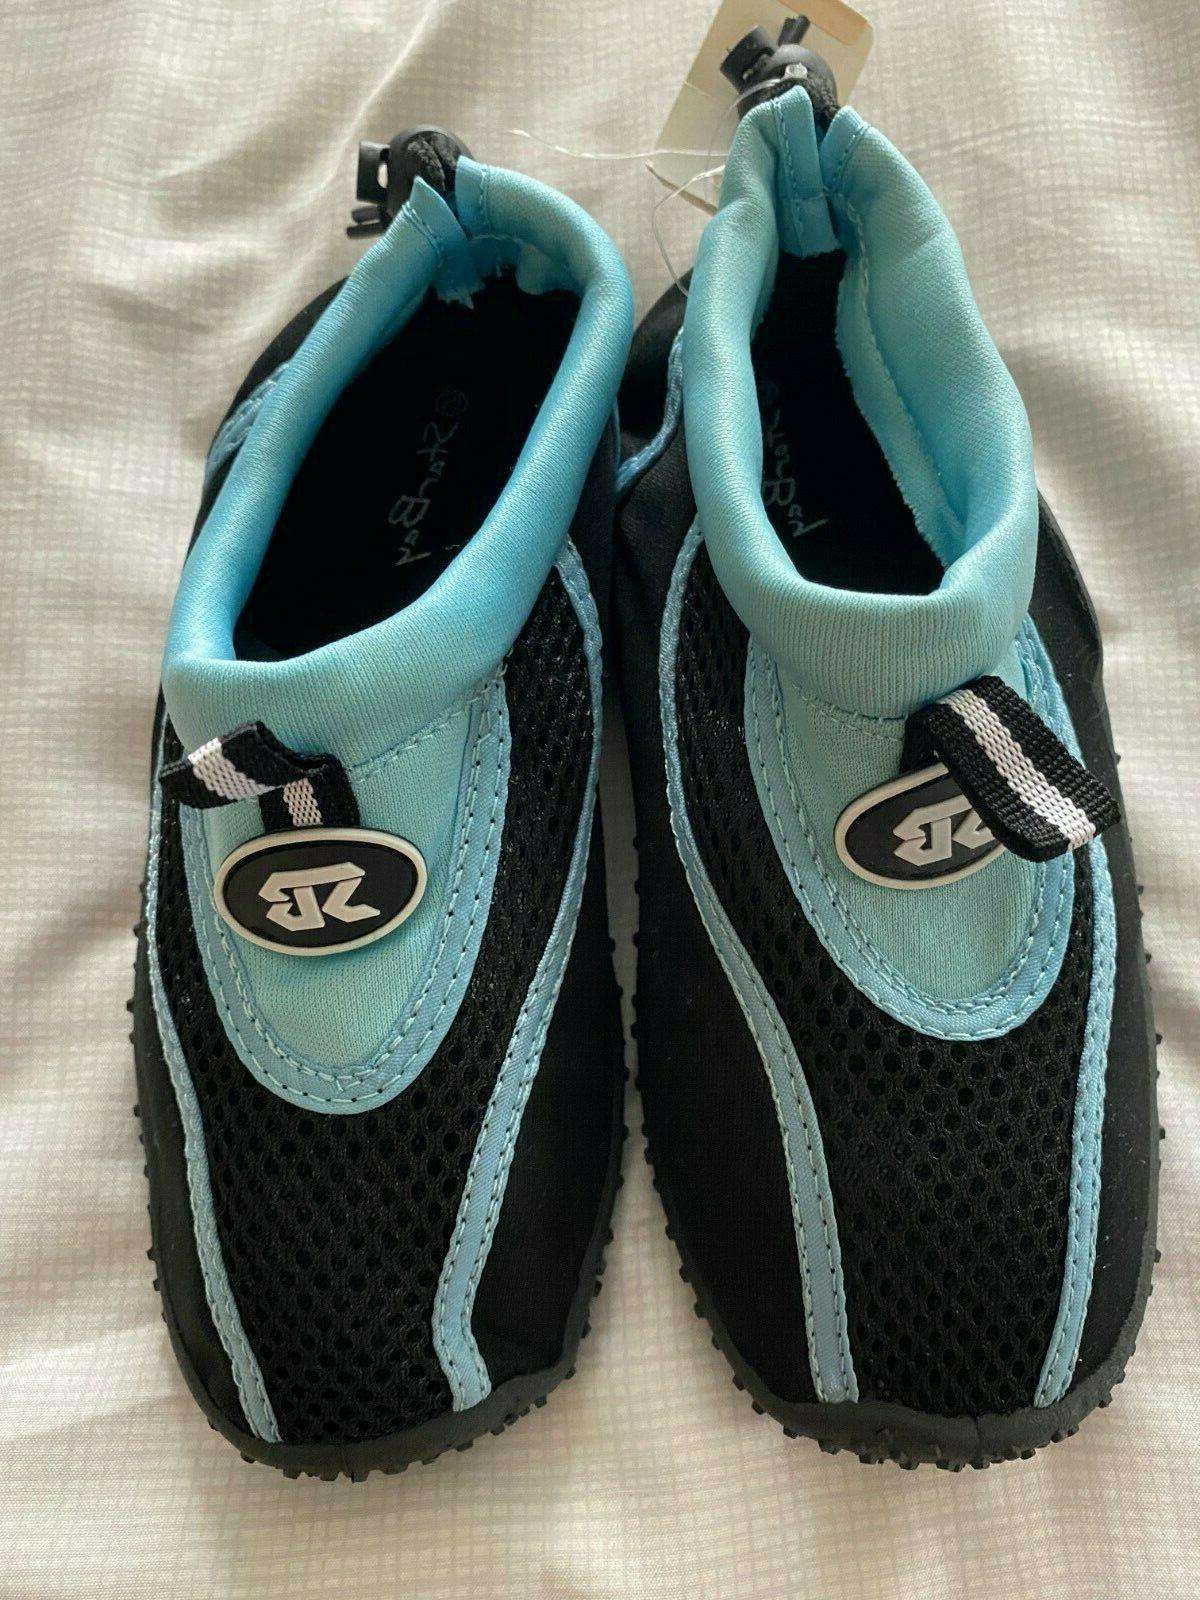 Kids Childrens New Shoes 1 Aqua Socks Slip Beach Swim